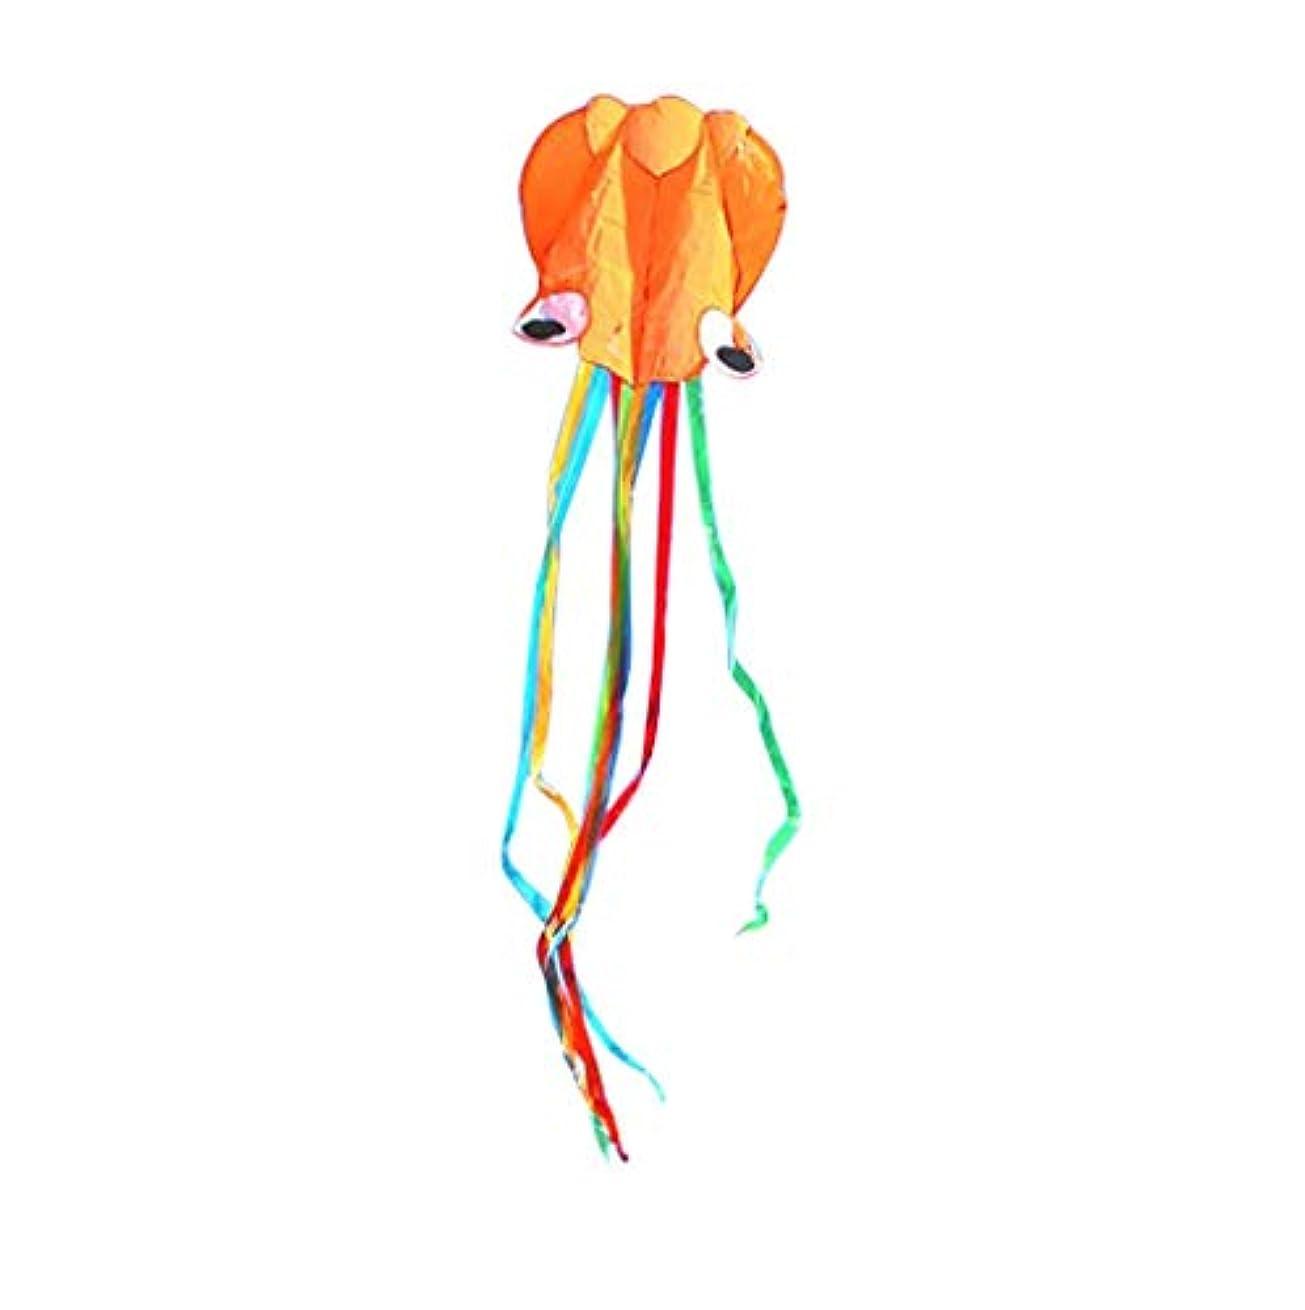 つづりささいな費やす子供のソフトウェアタコのための凧 - 美しい大型簡単チラシ凧